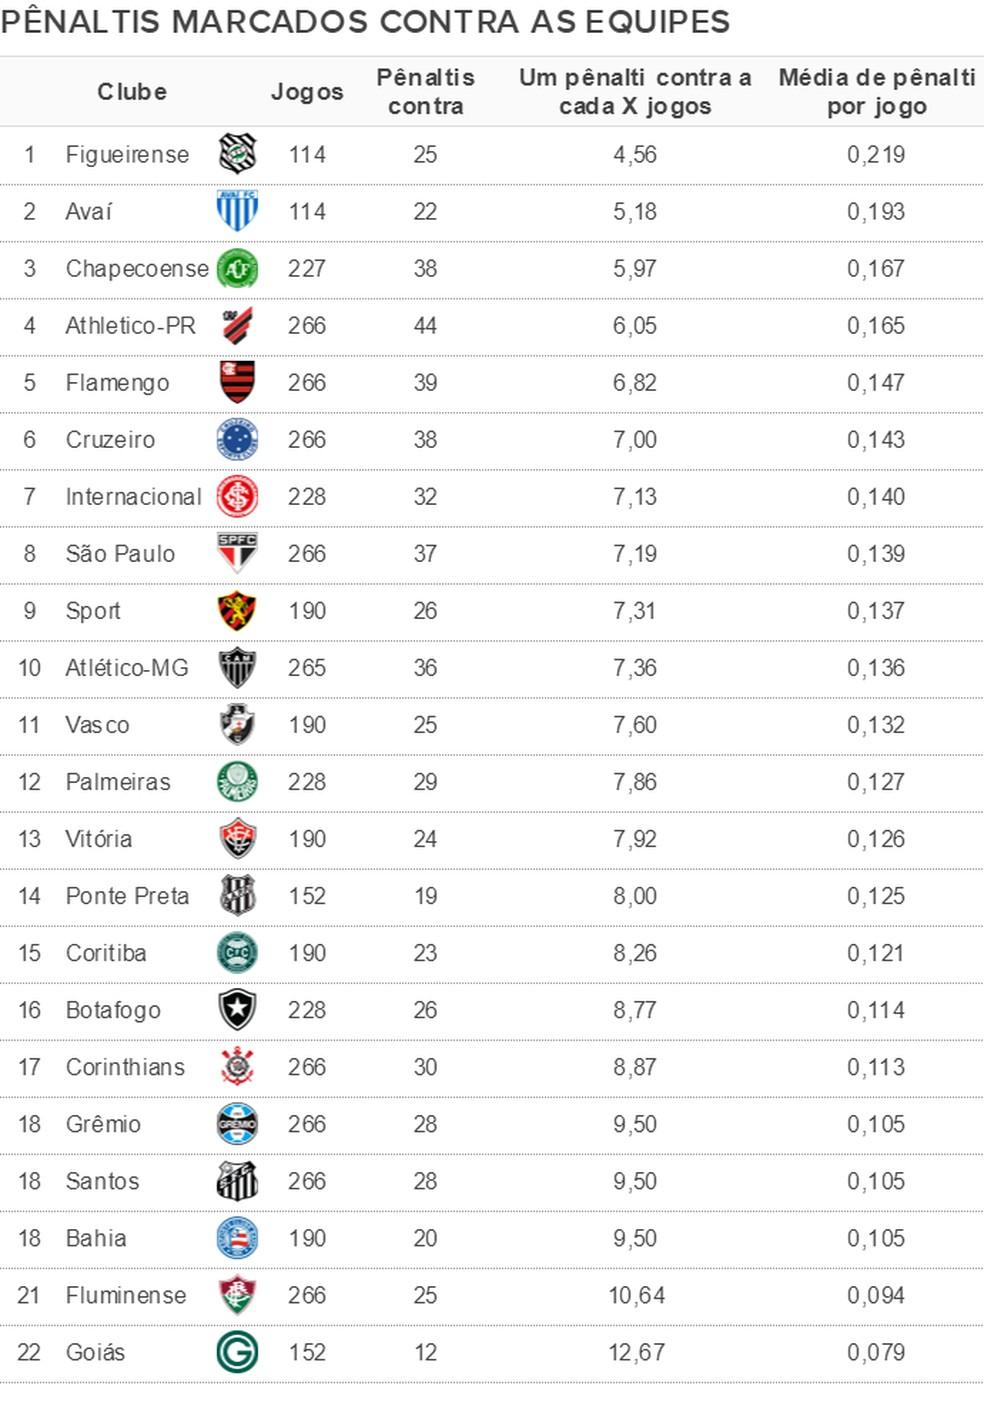 Pênaltis marcados contra cada equipe em Brasileirões desde 2013 — Foto: Espião Estatístico